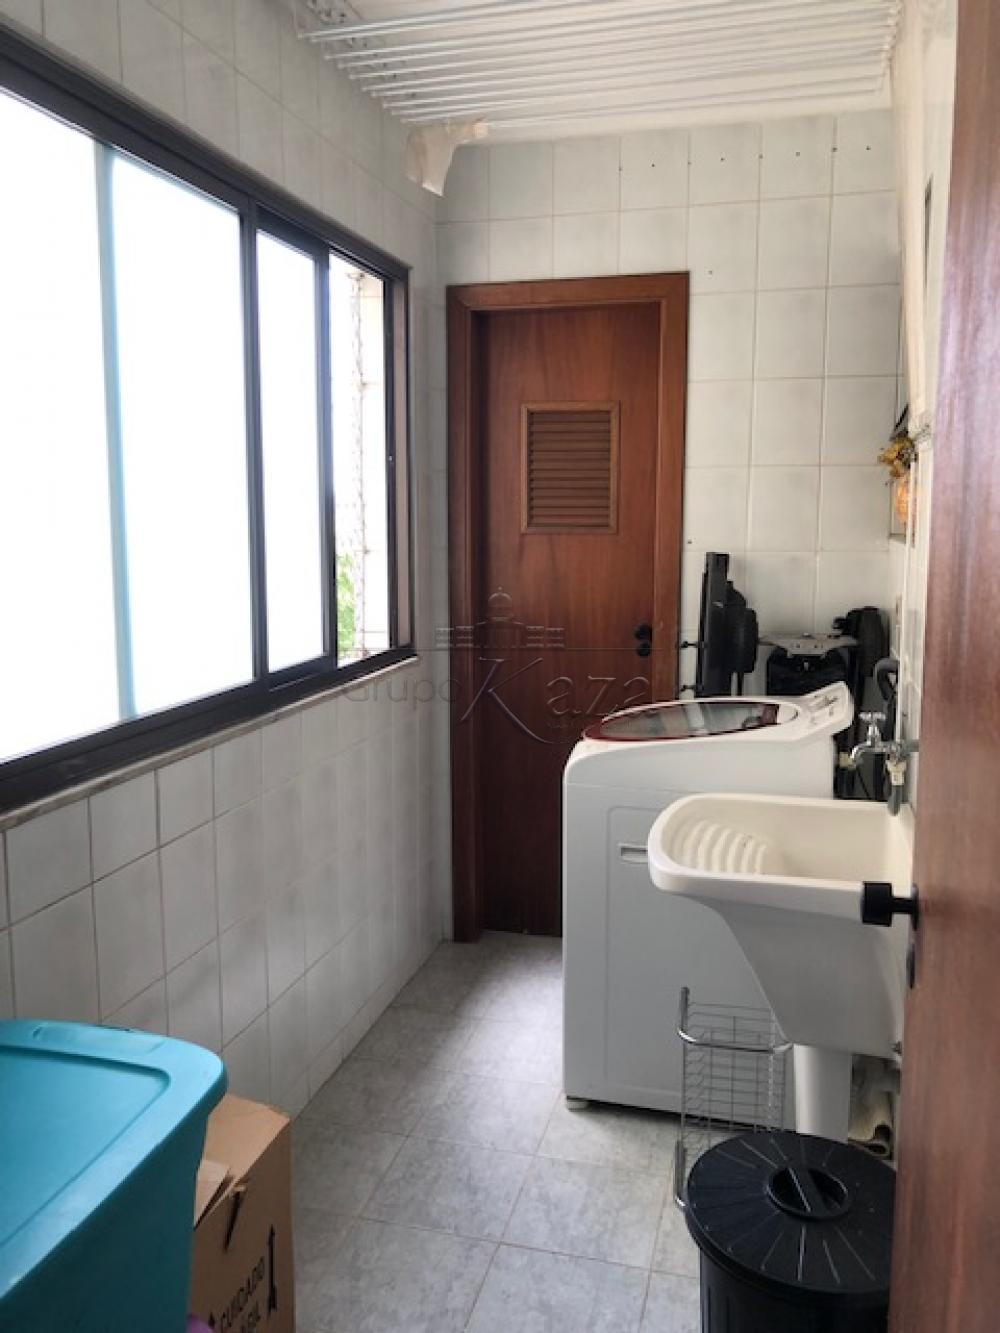 Comprar Apartamento / Padrão em São José dos Campos apenas R$ 435.000,00 - Foto 16